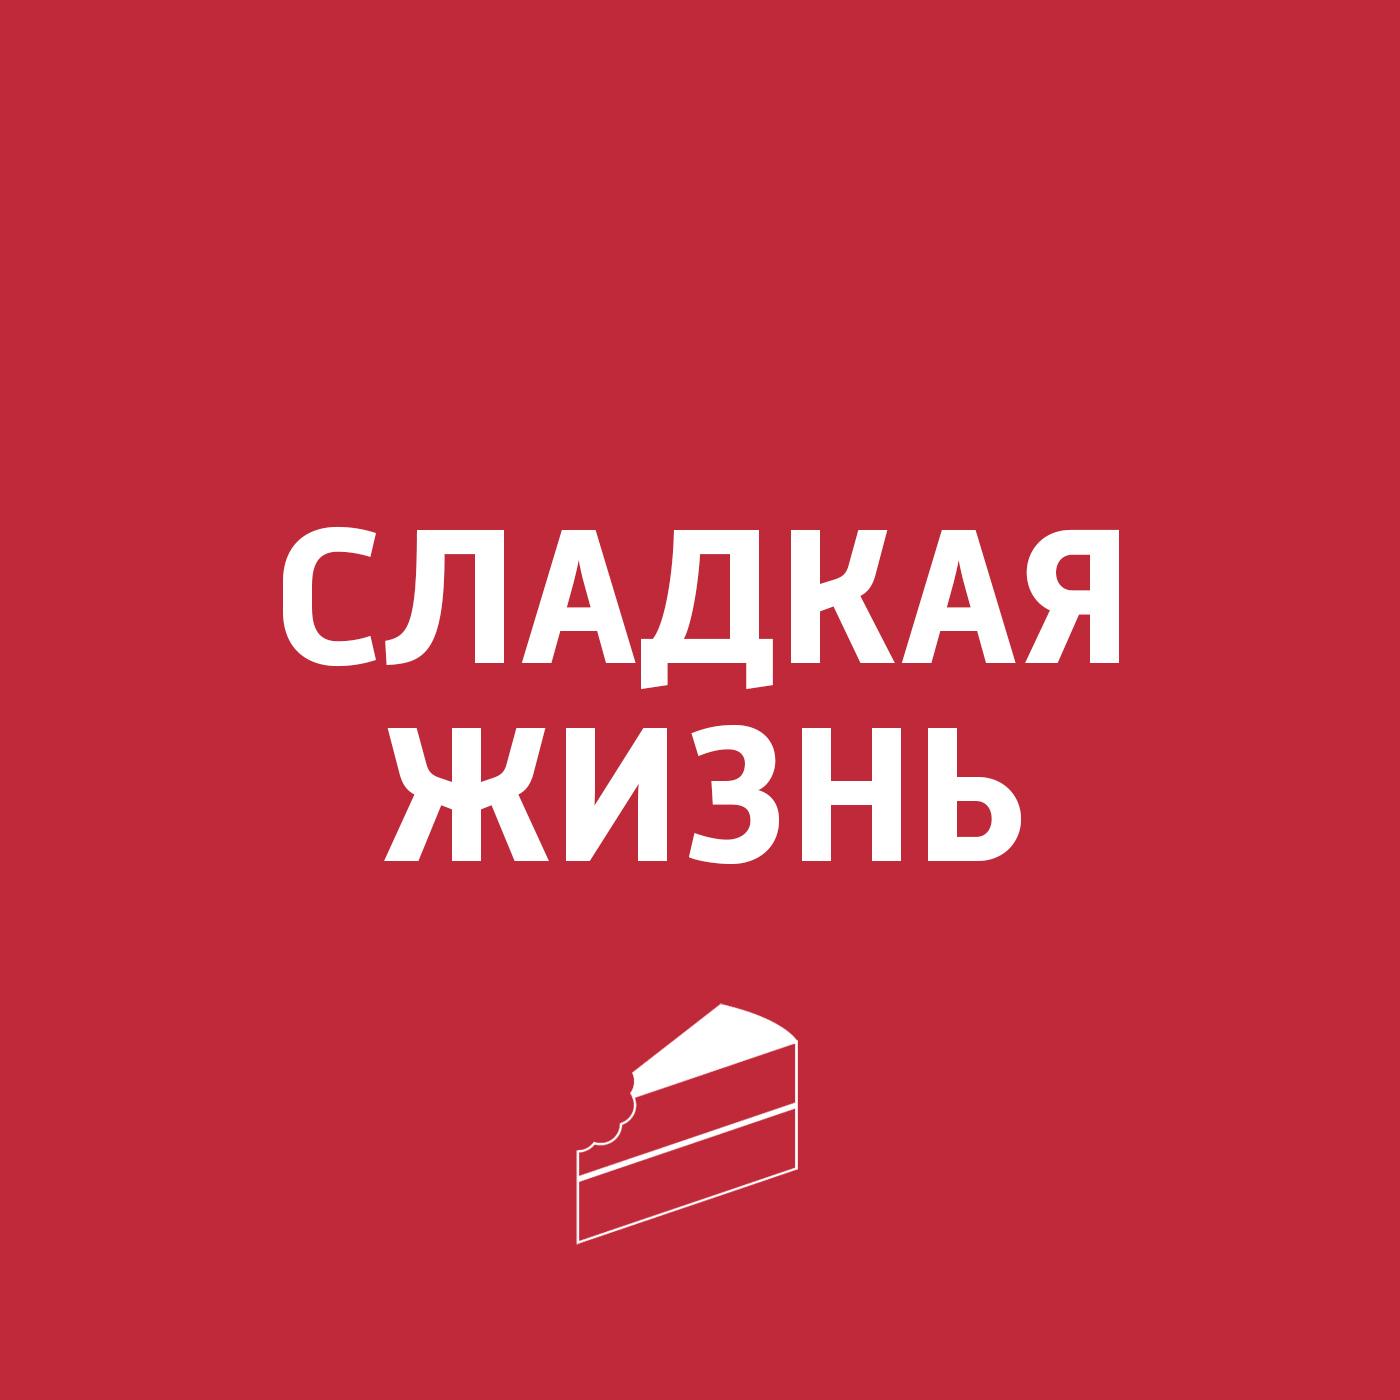 Картаев Павел Самбук картаев павел желе